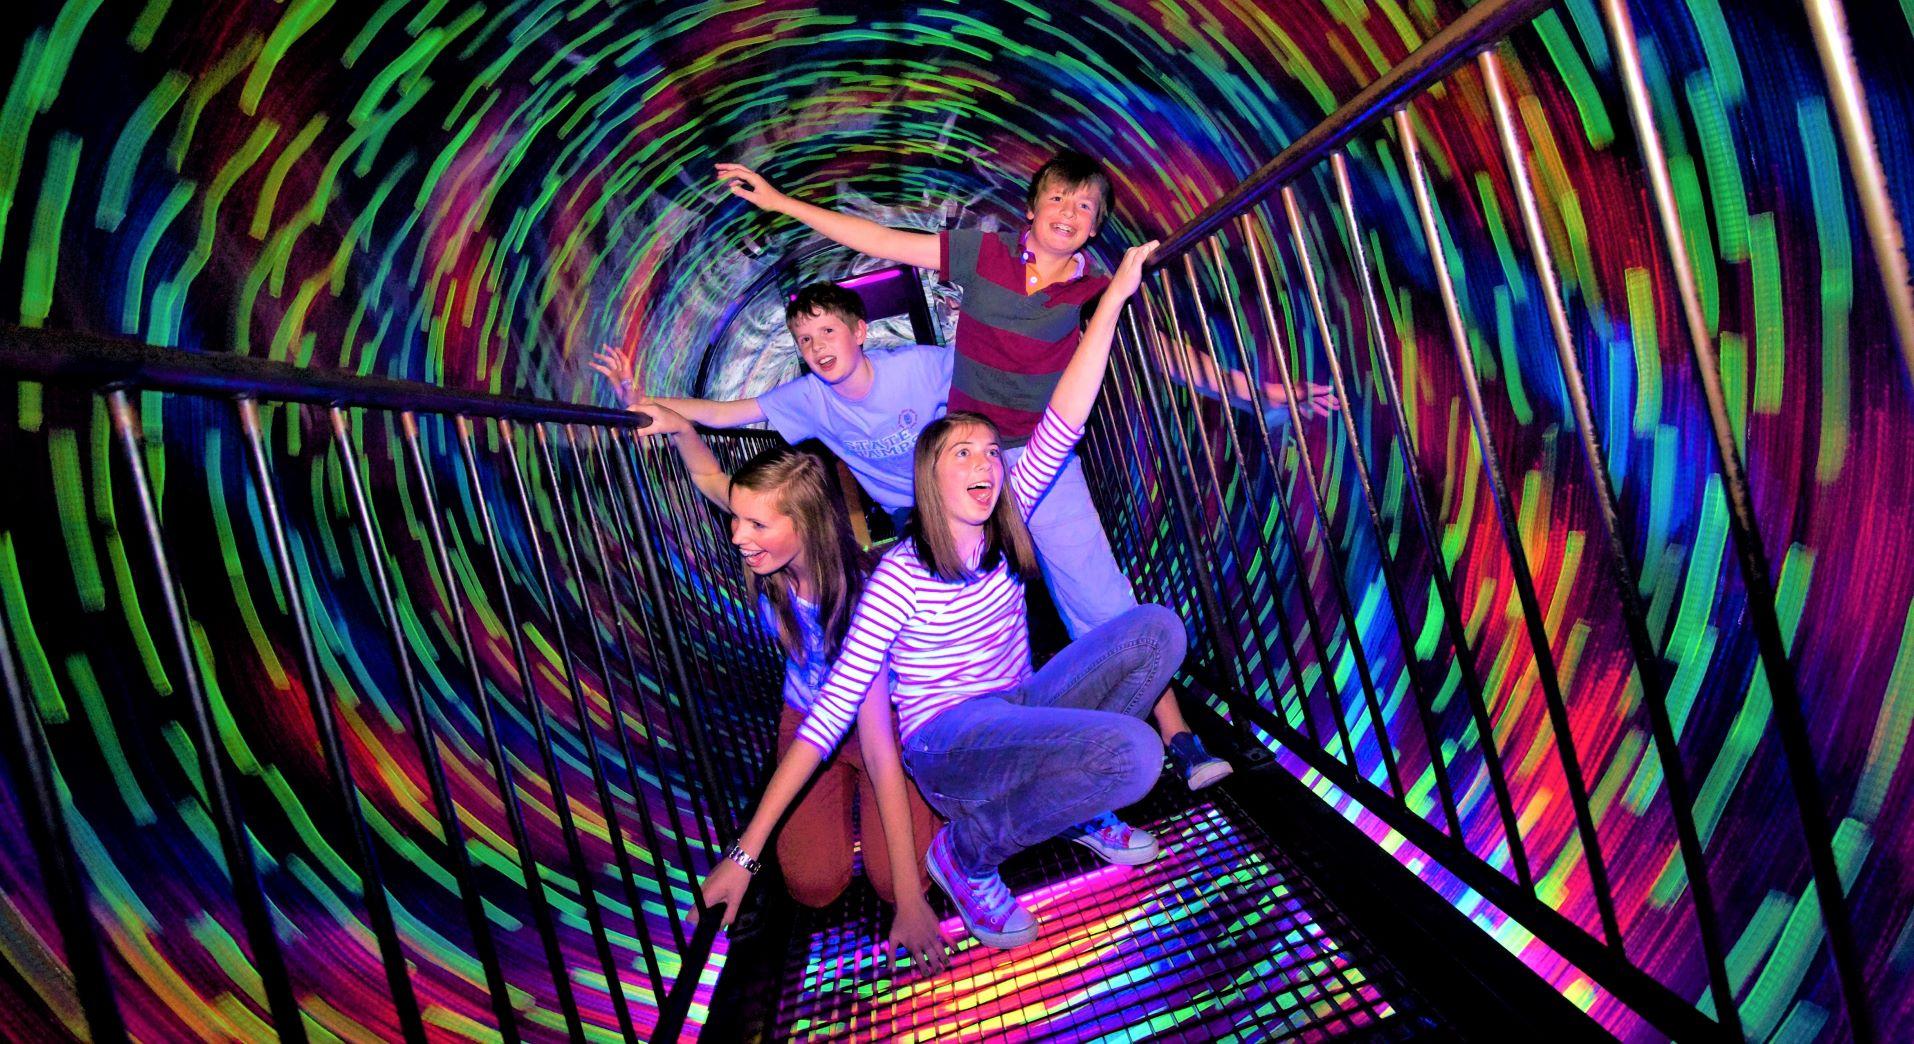 Kids in Vortex Tunnel